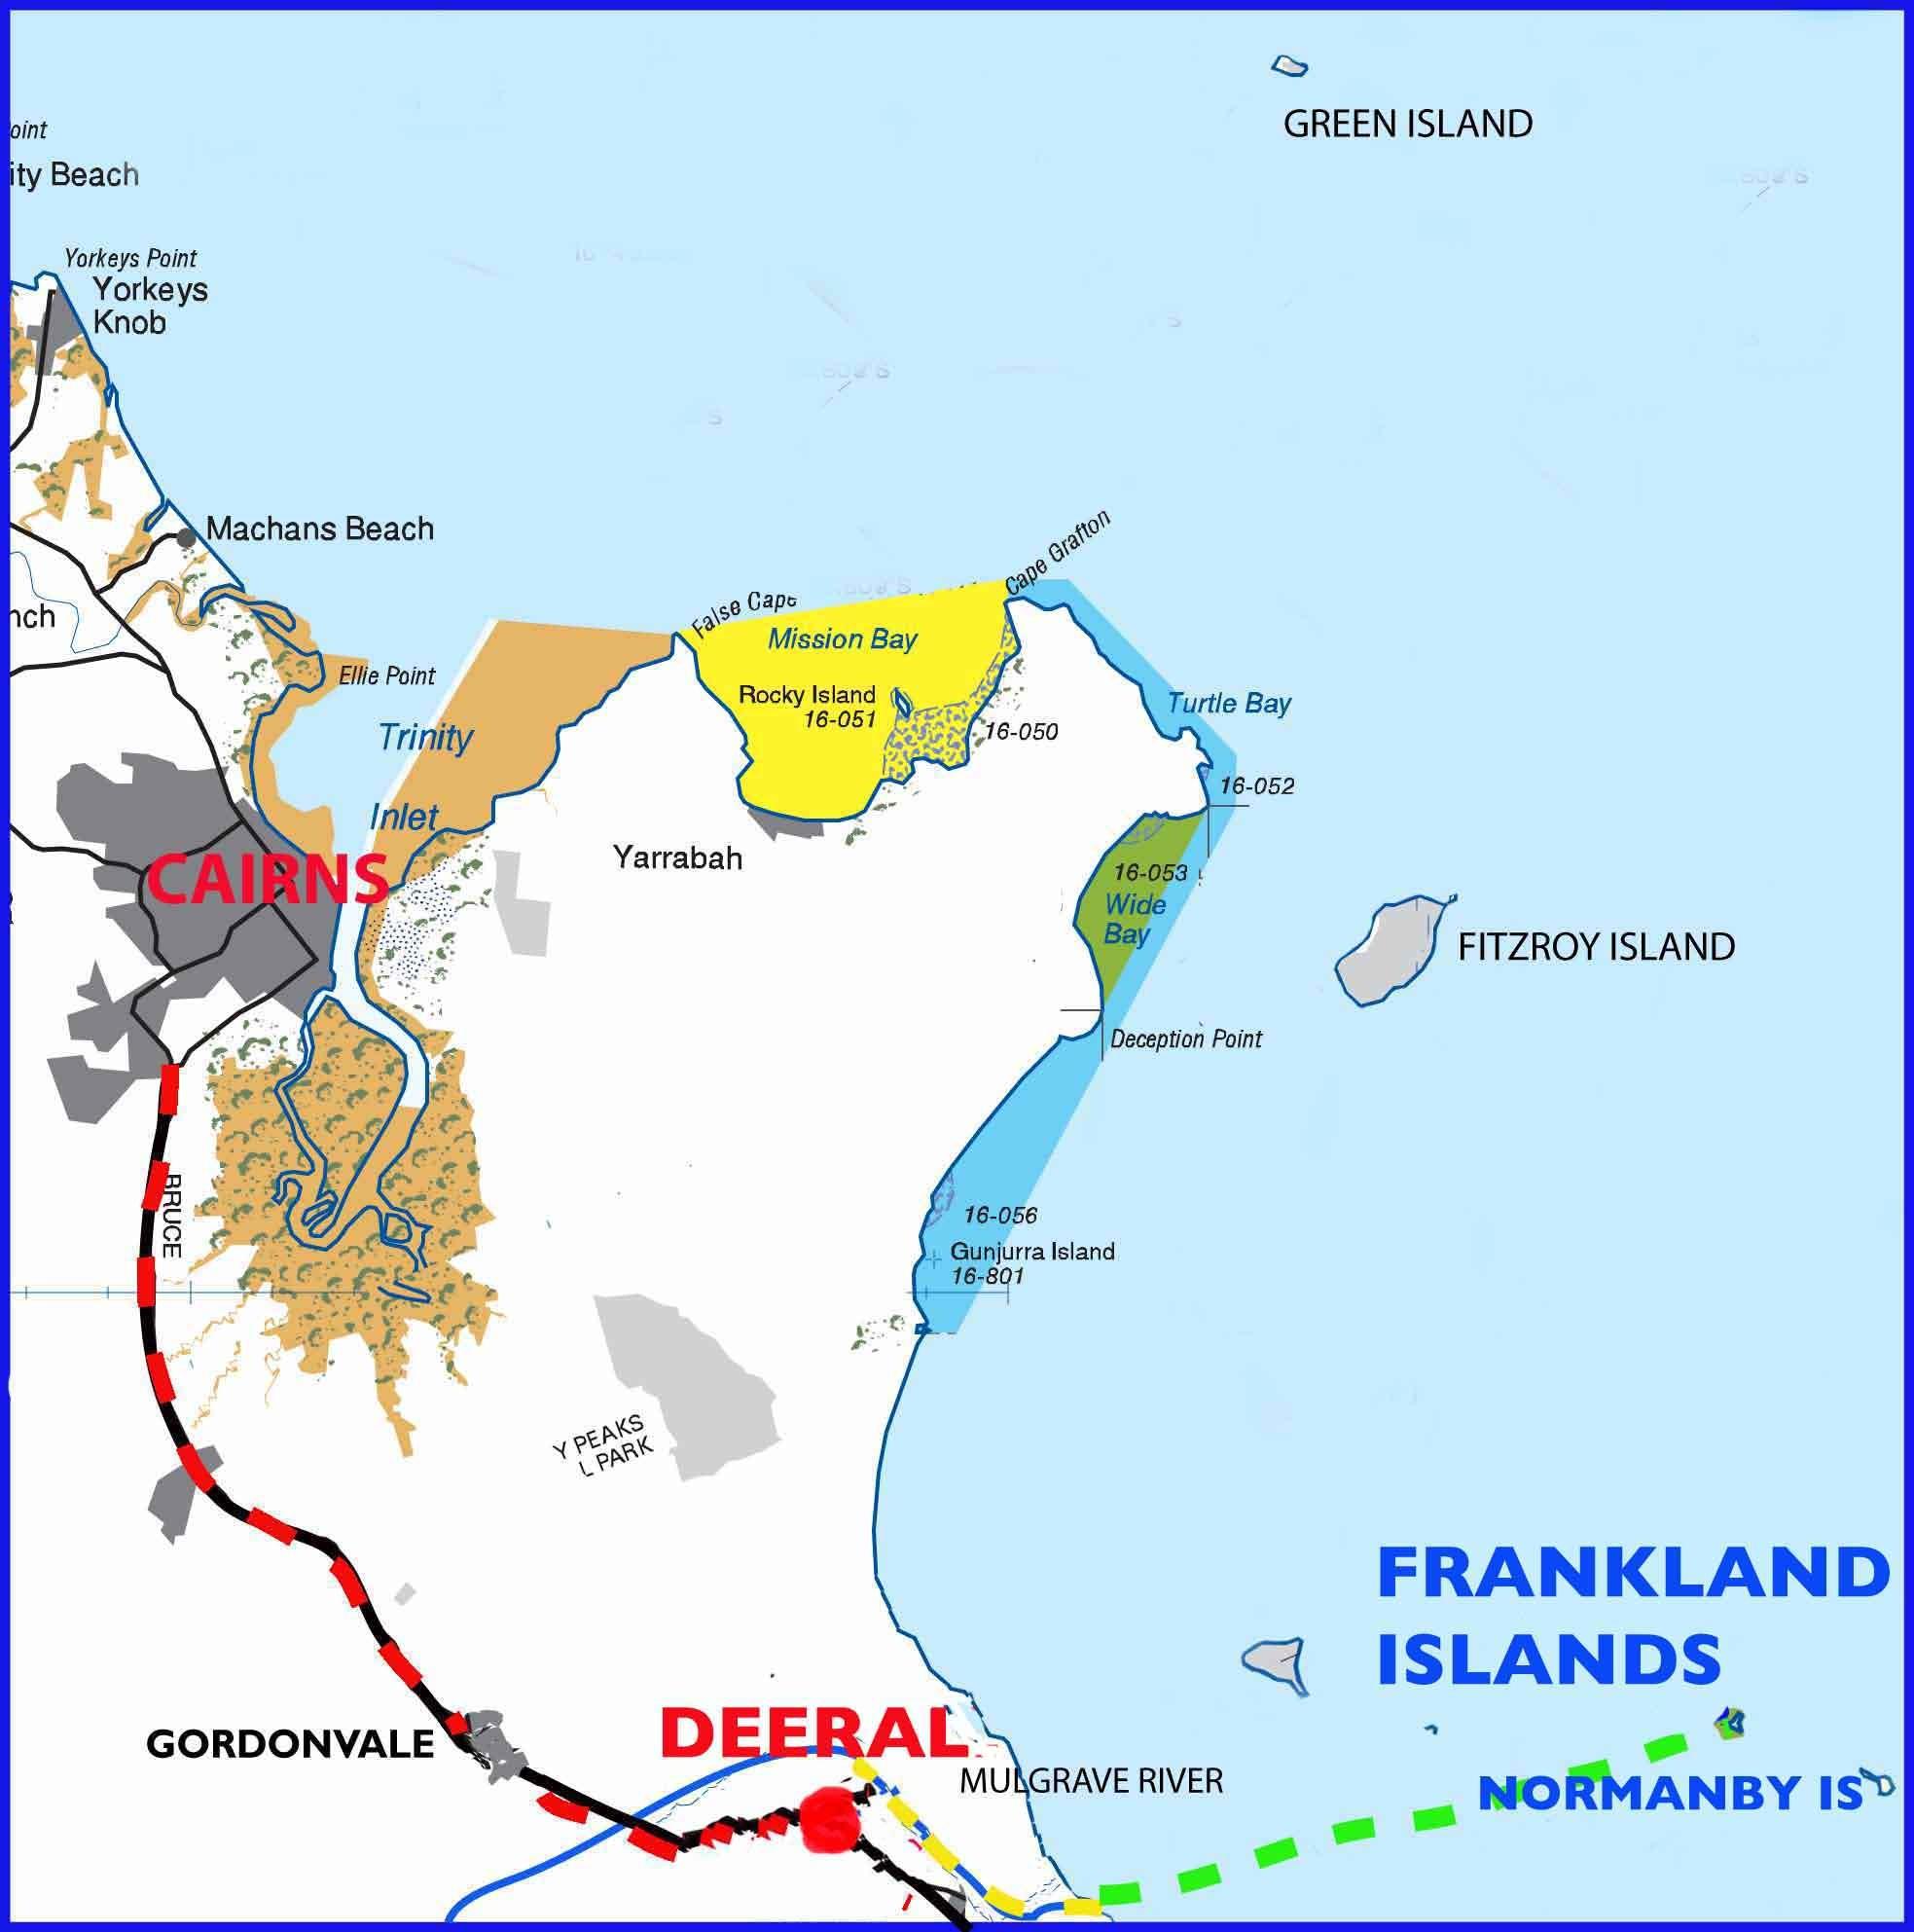 フランクランド島の場所を示す地図